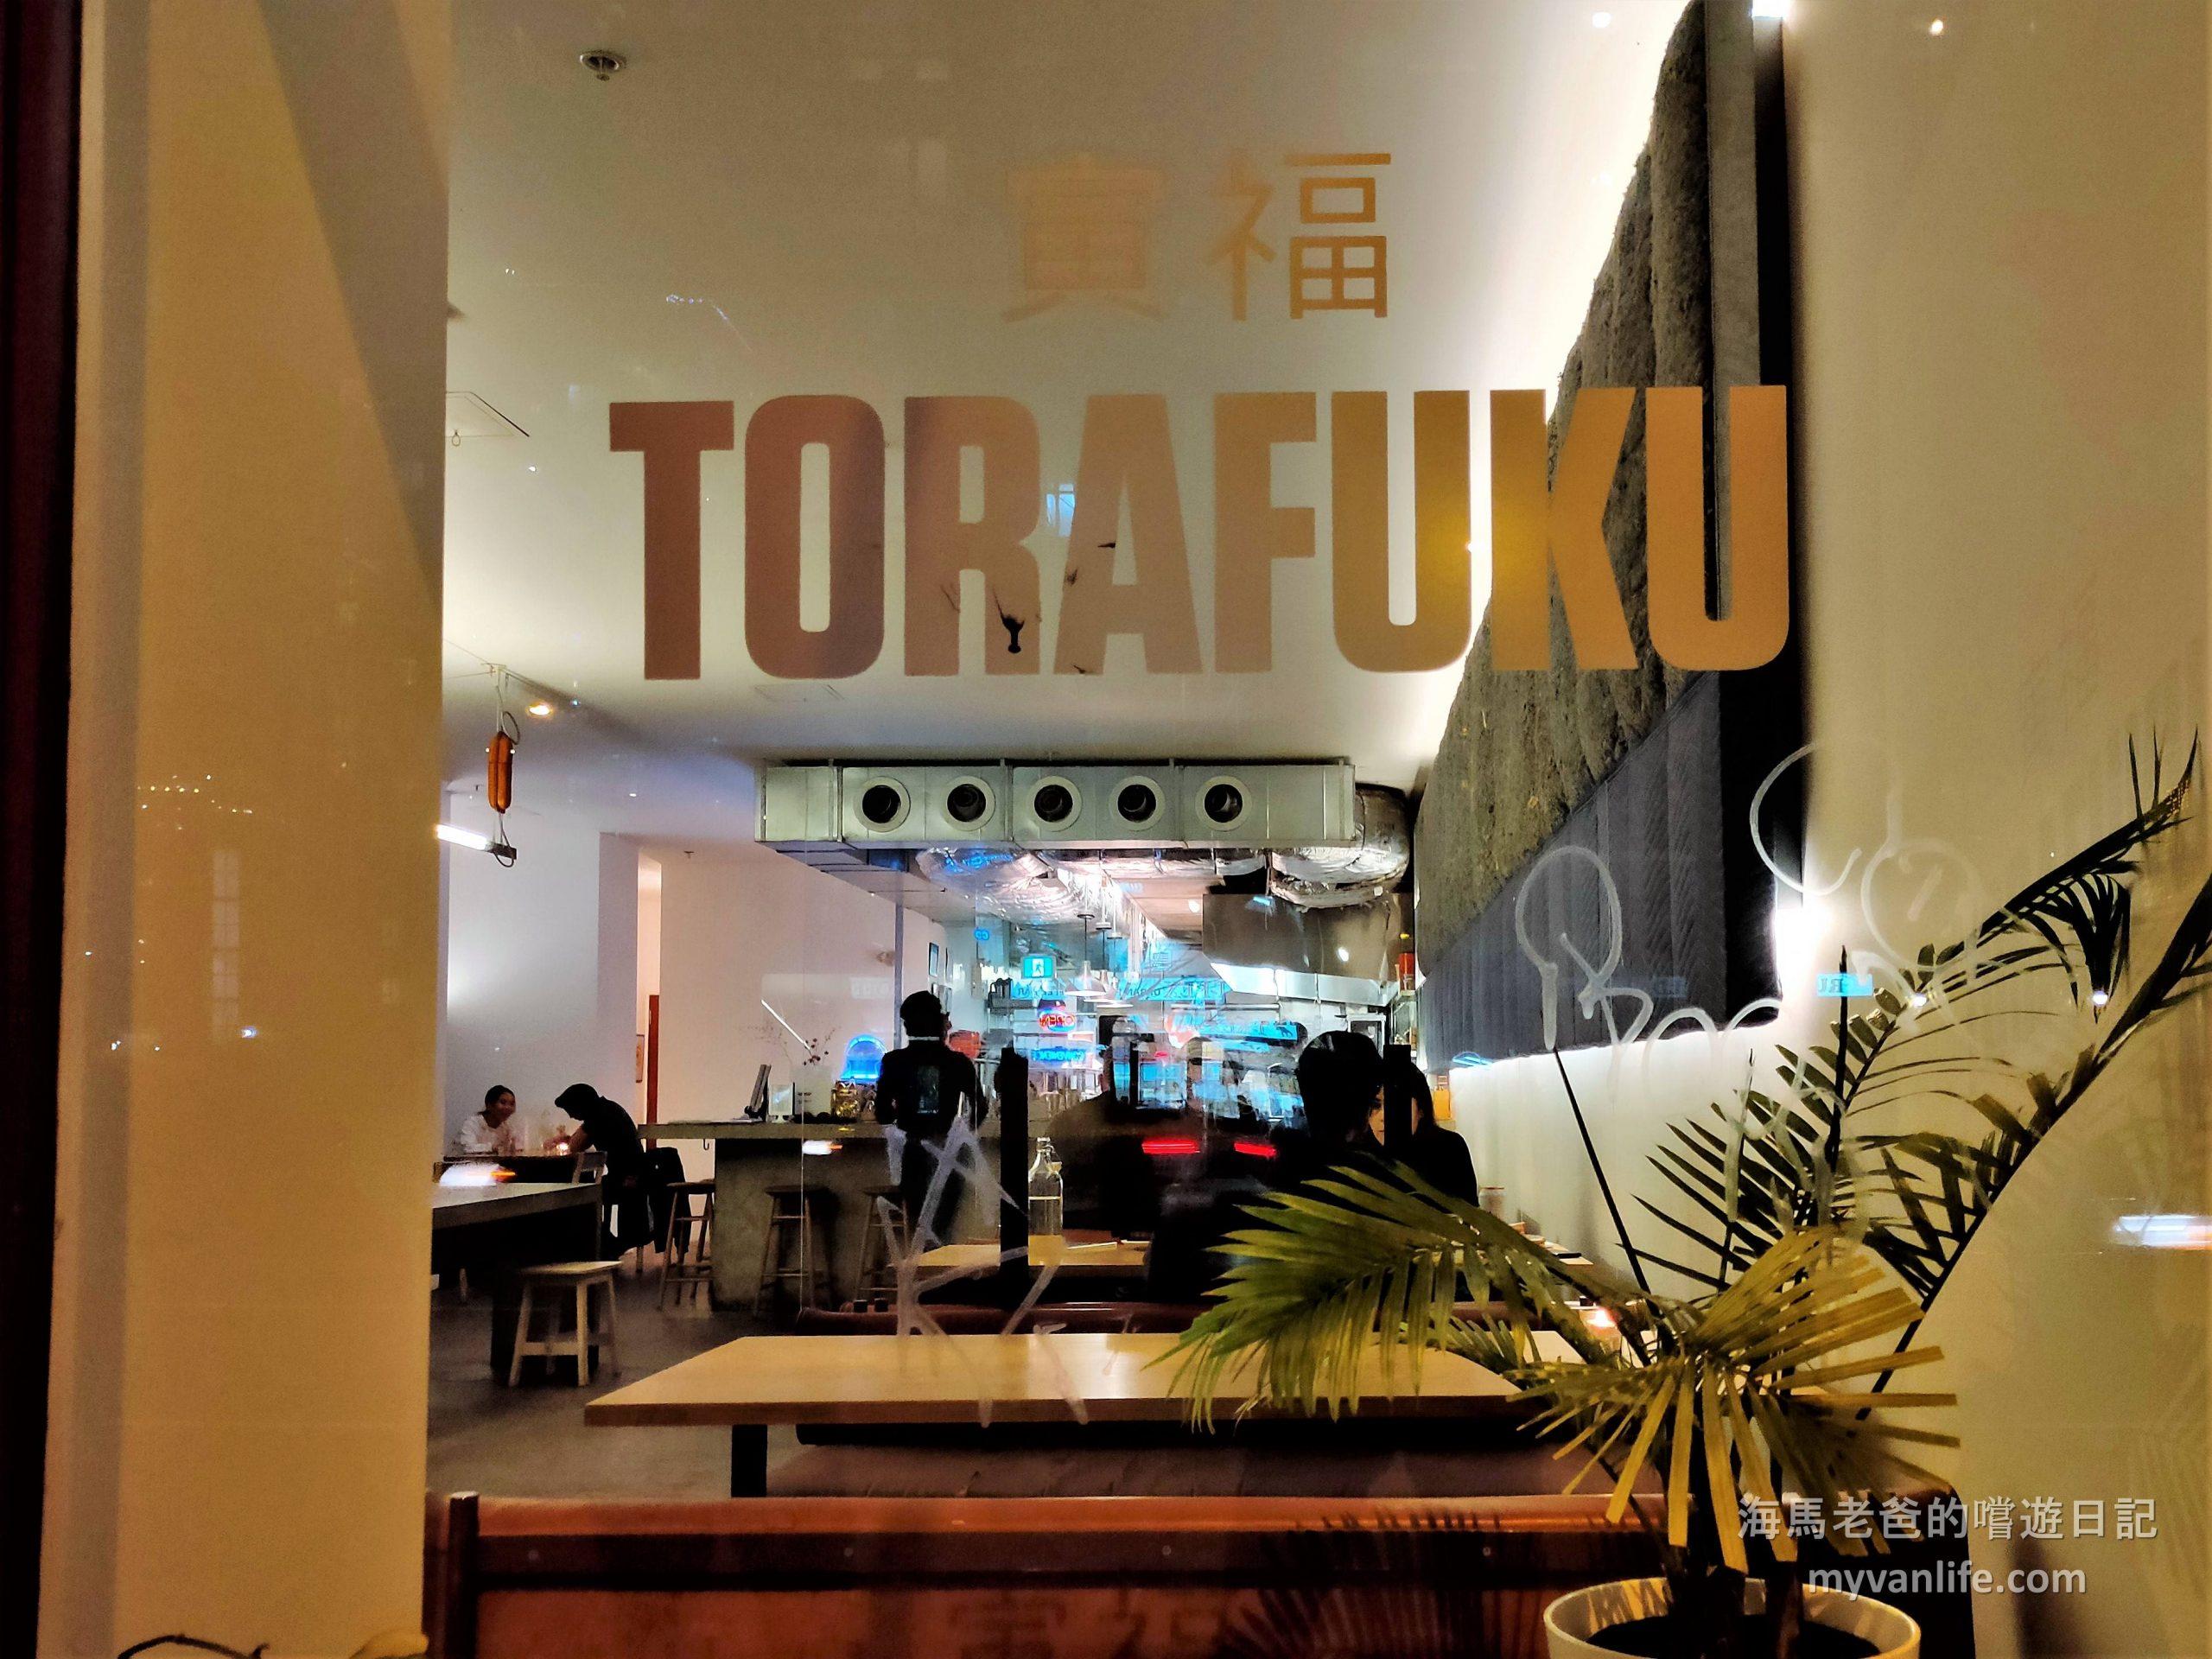 Torafuku寅福